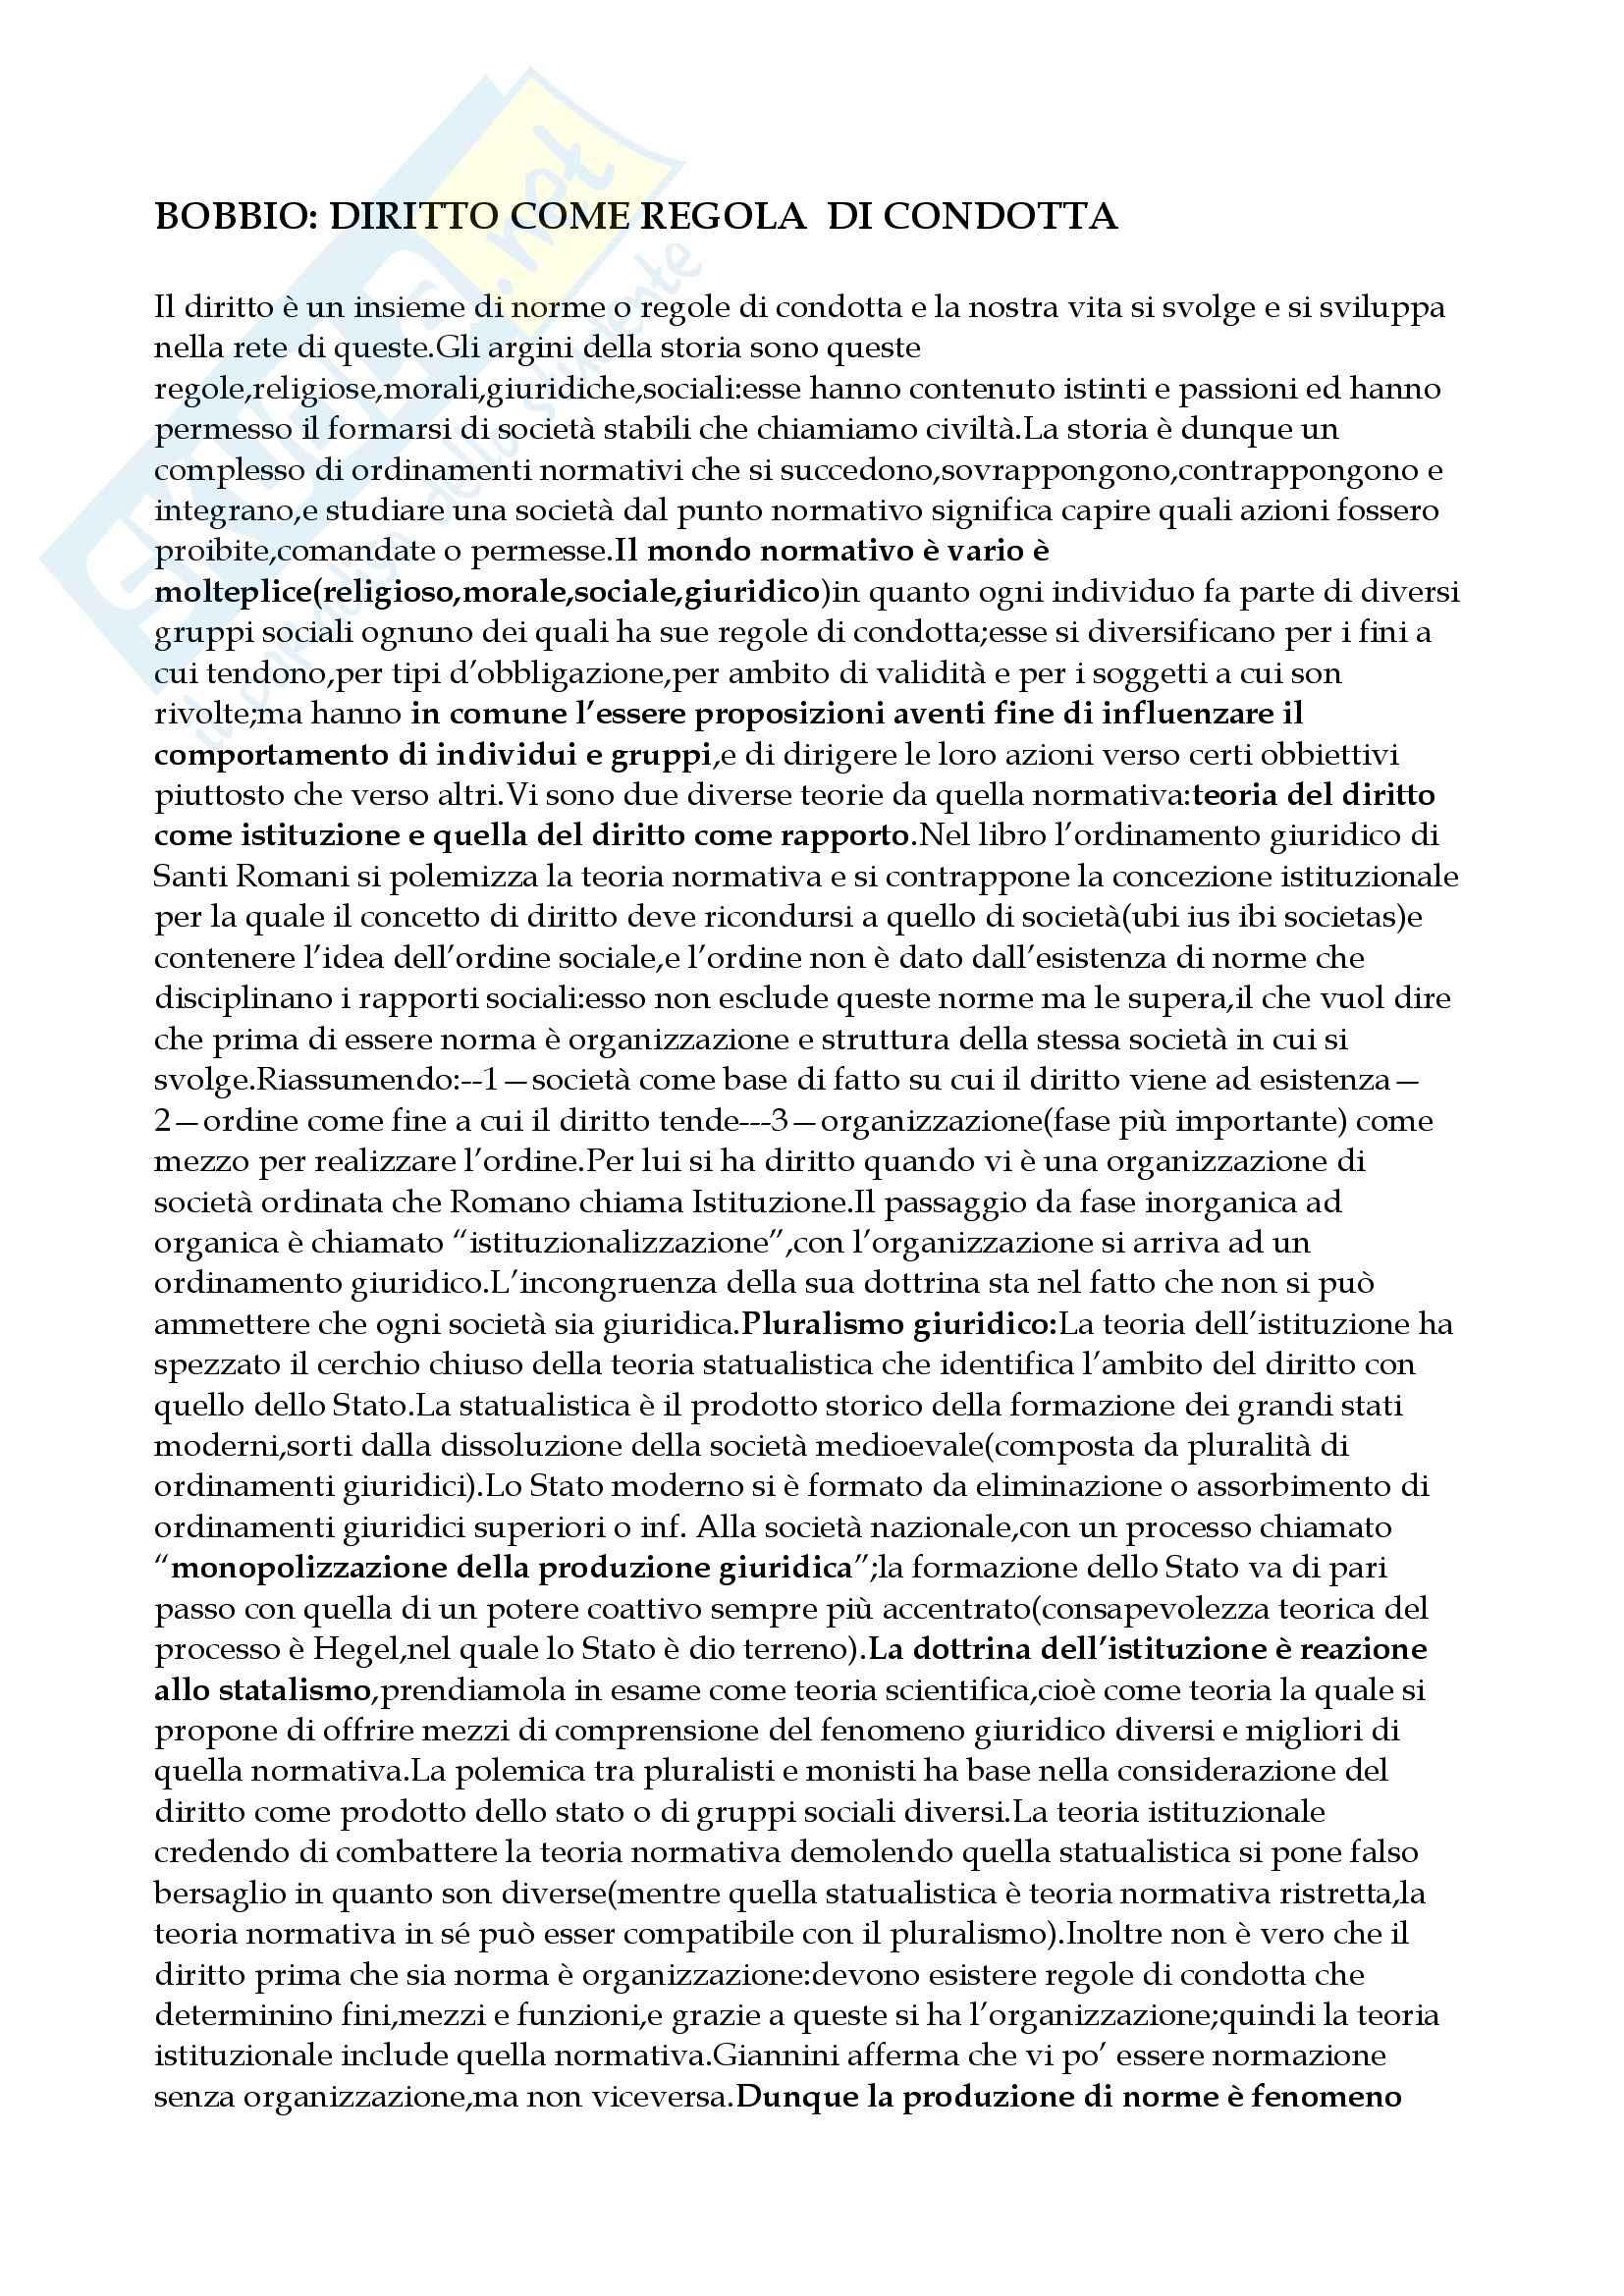 Filosofia del diritto - teoria generale del diritto - Appunti